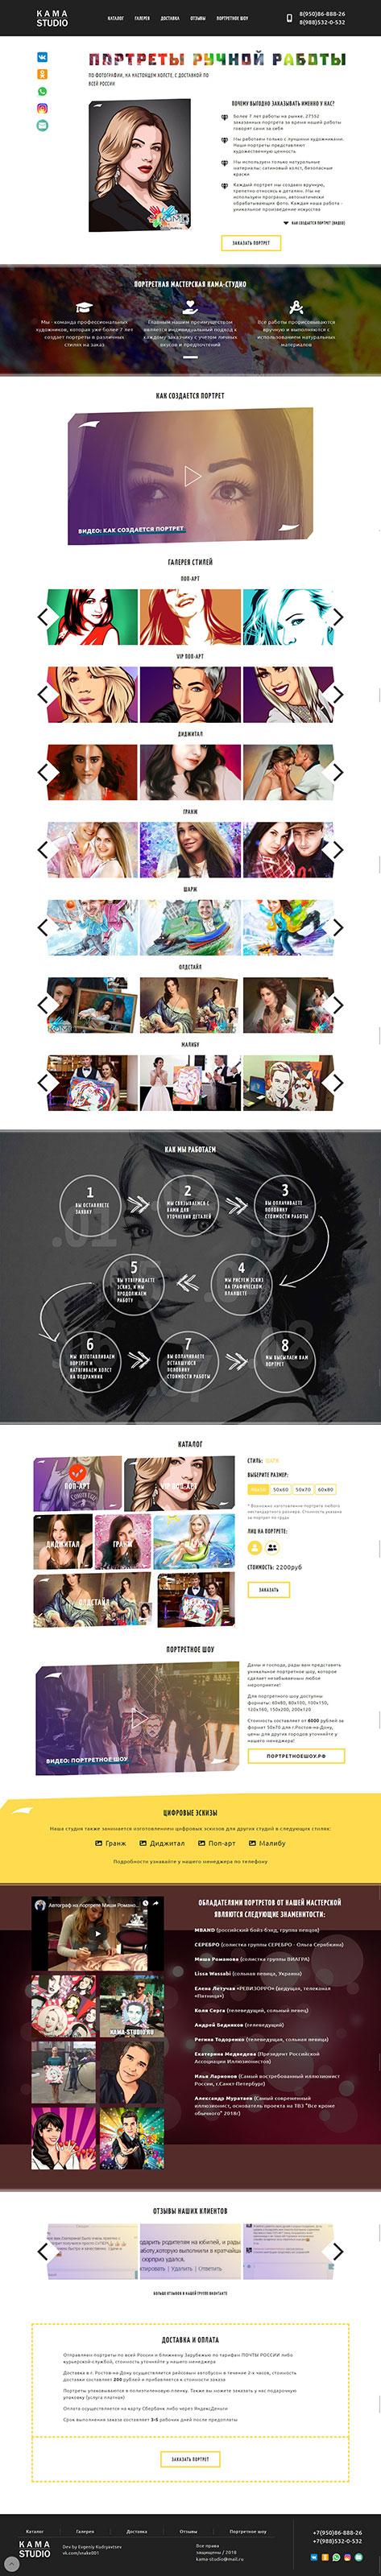 Сайт проекта kama-studio - создание портретов по фото